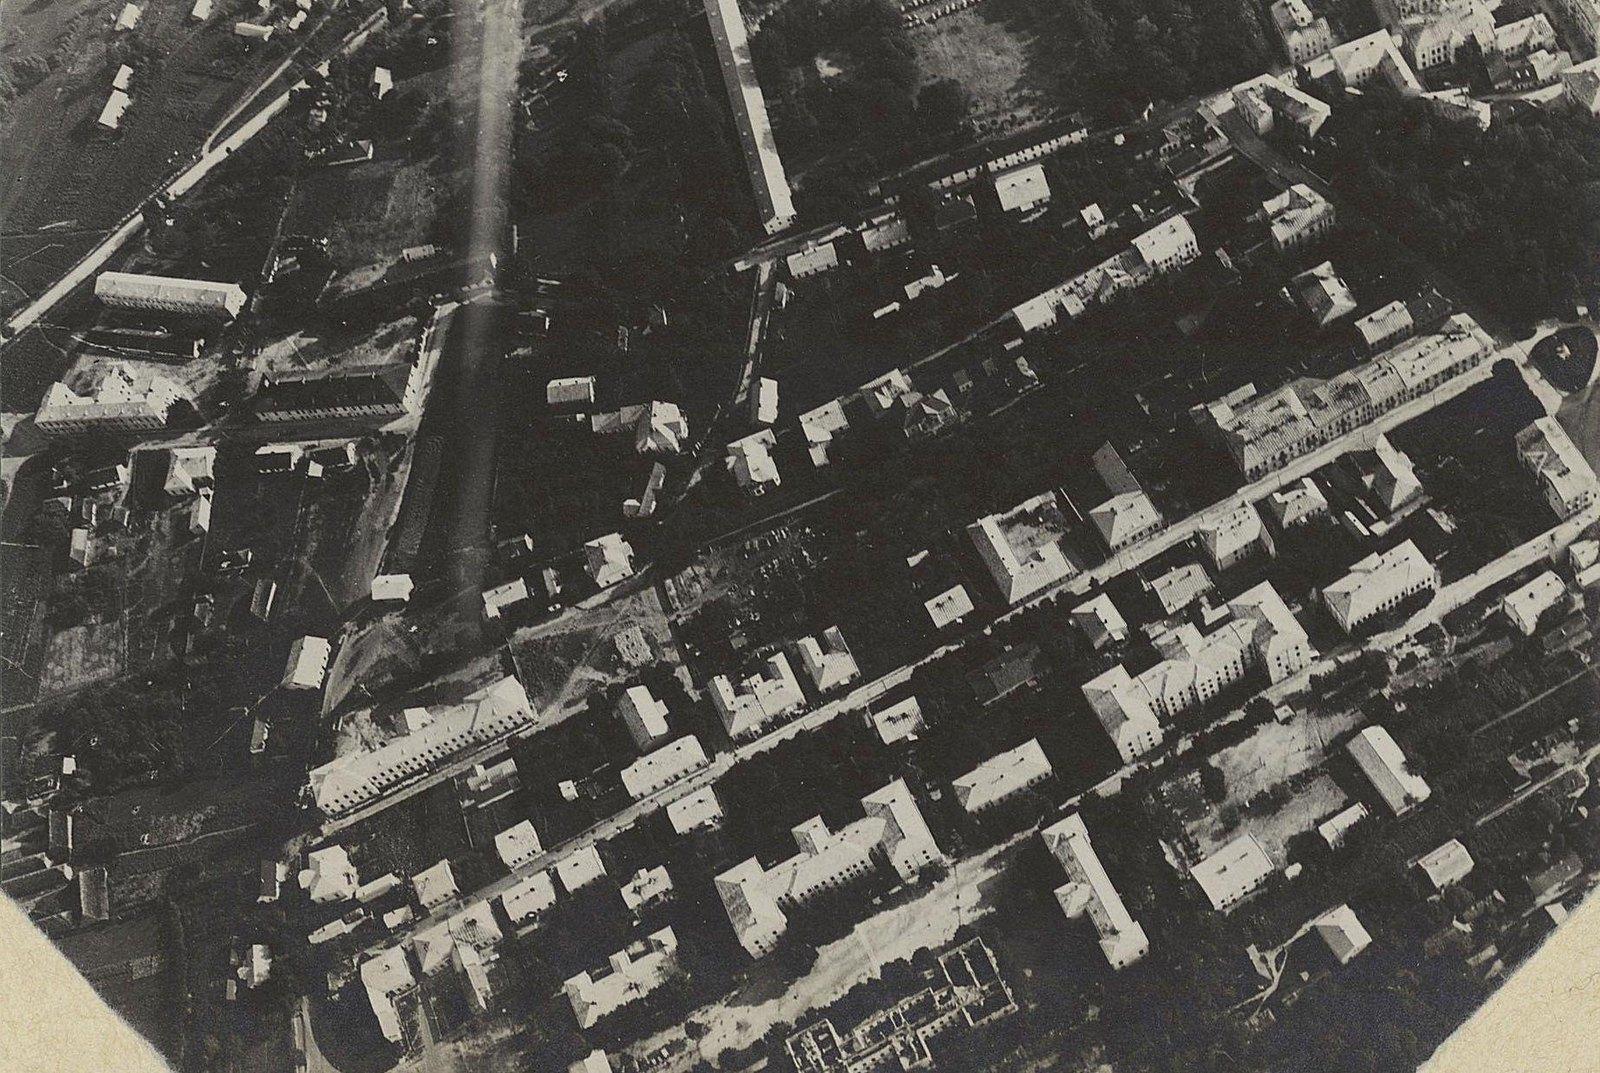 1915. Город Злочев, снятый с аэроплана. Уланские казармы. Галиция